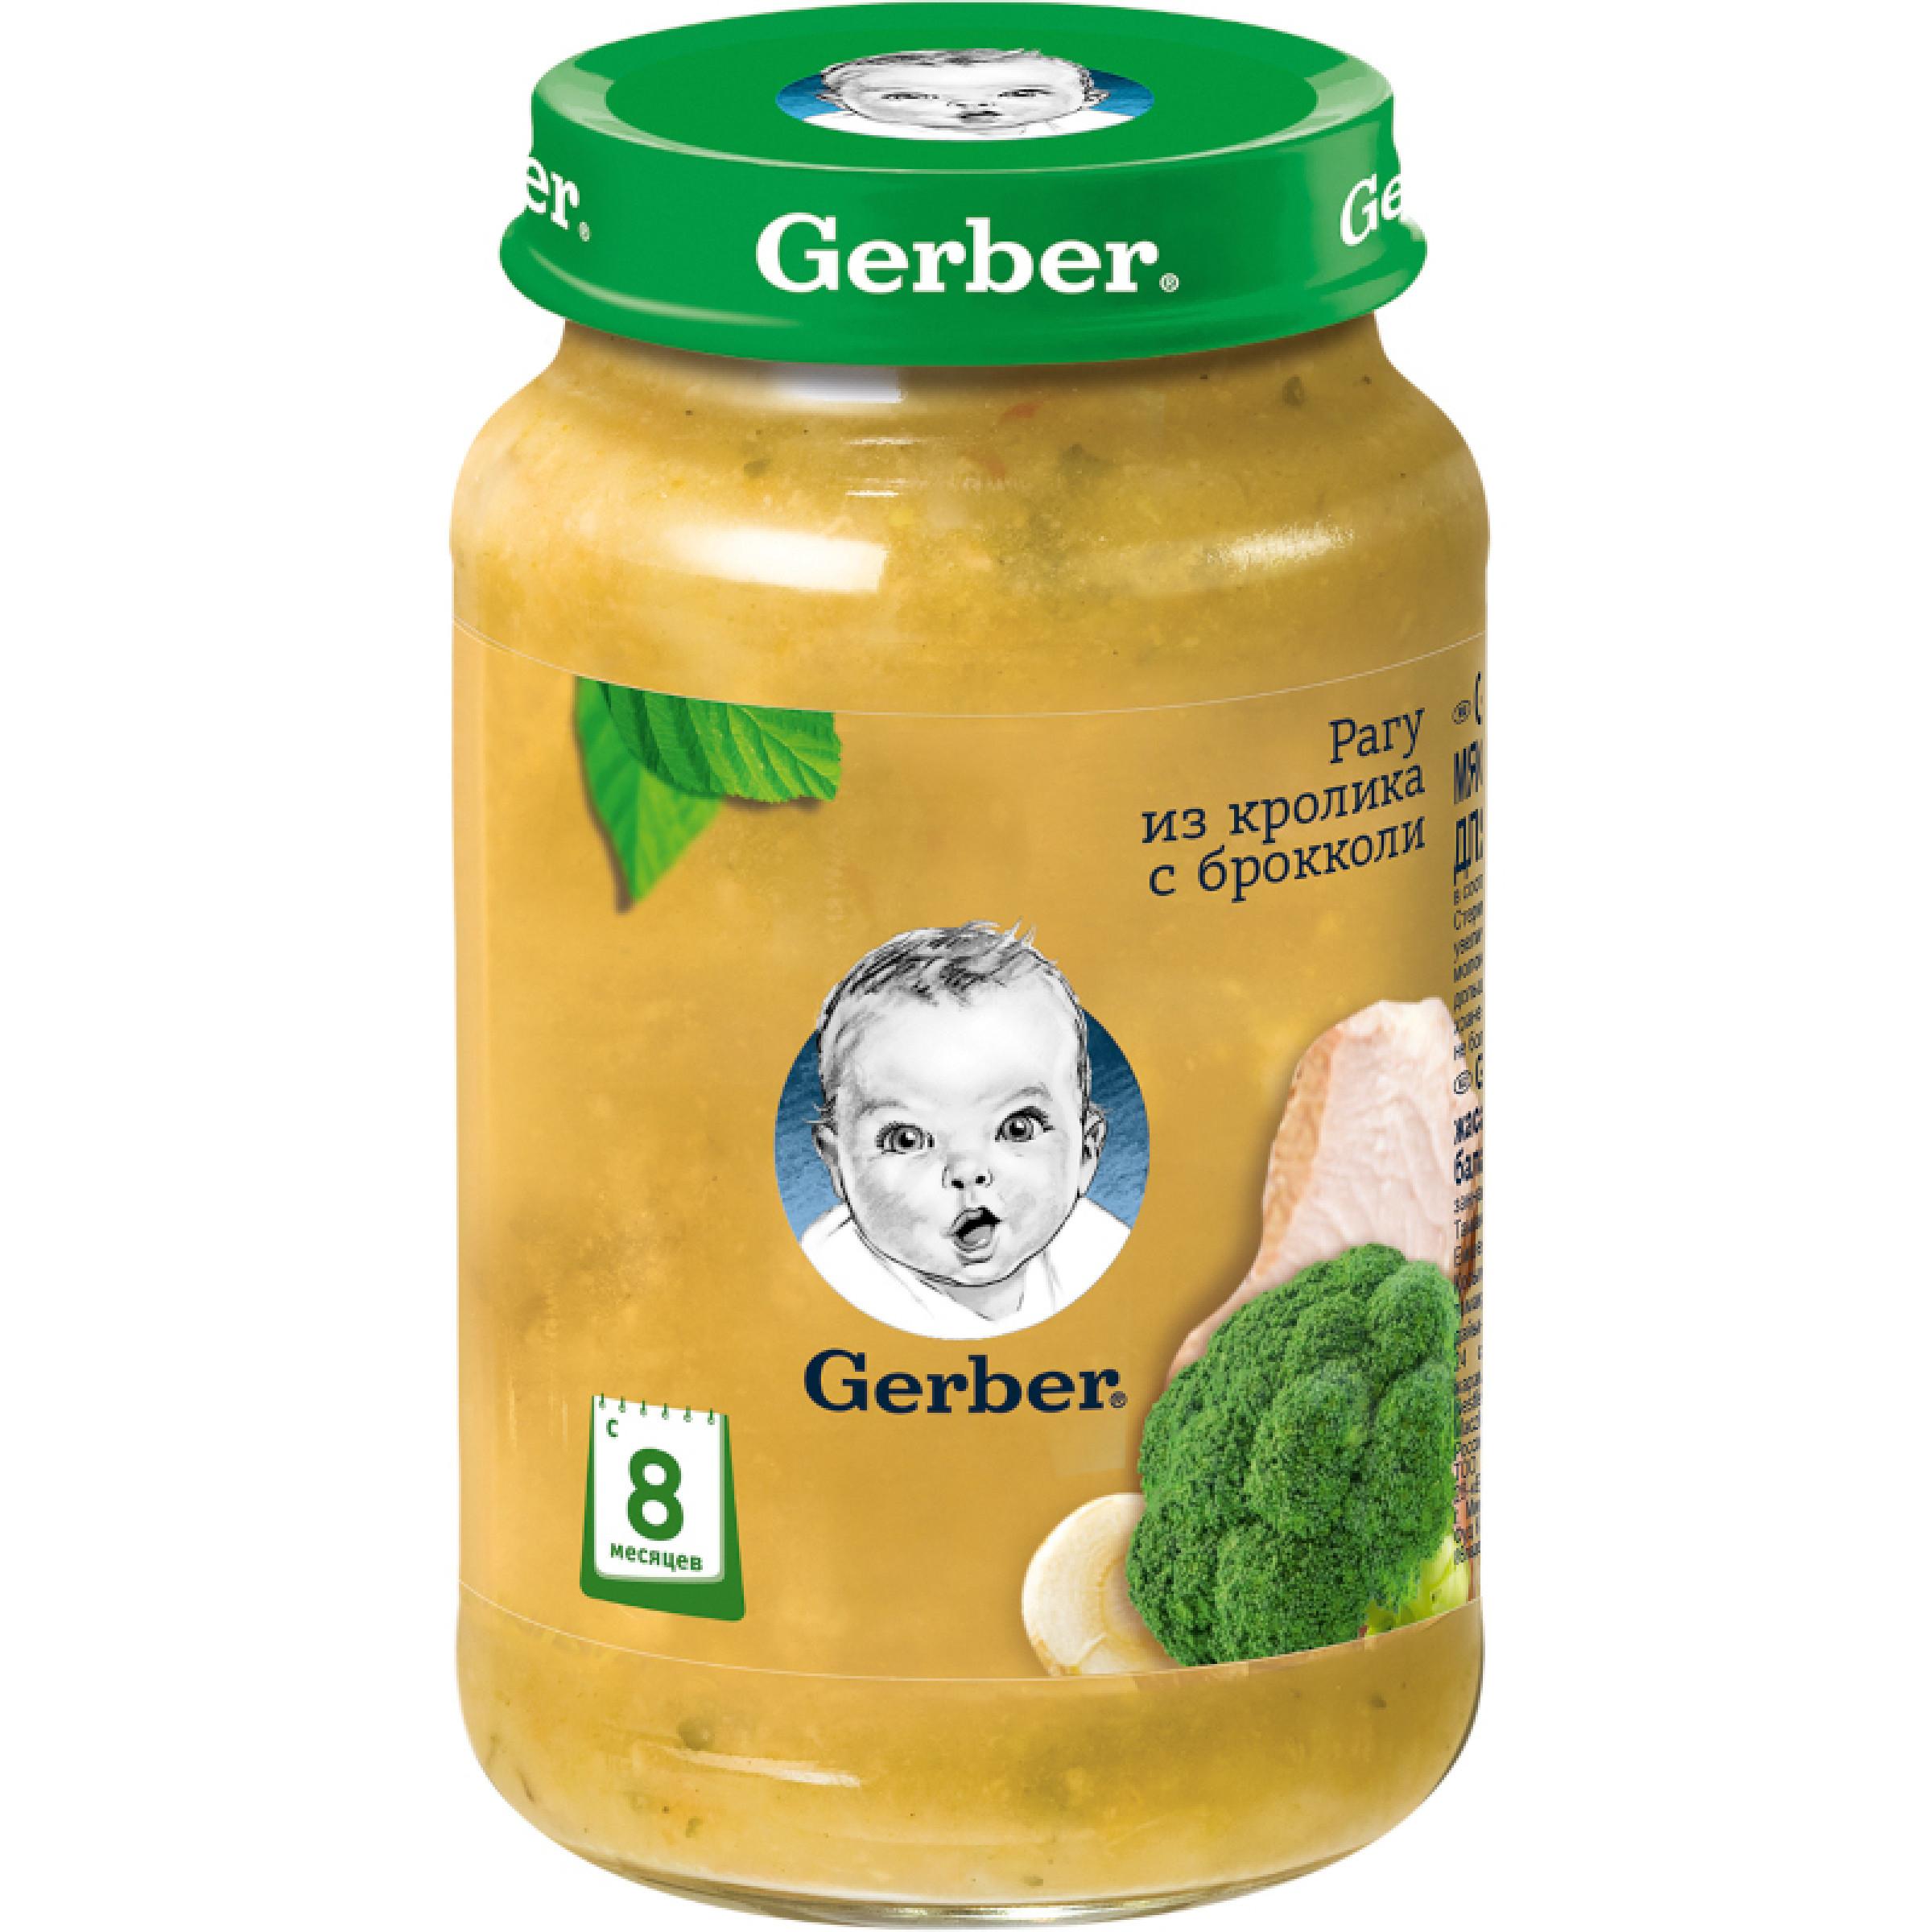 Пюре Gerber Рагу из кролика с брокколи с 8 месяцев, 190 г